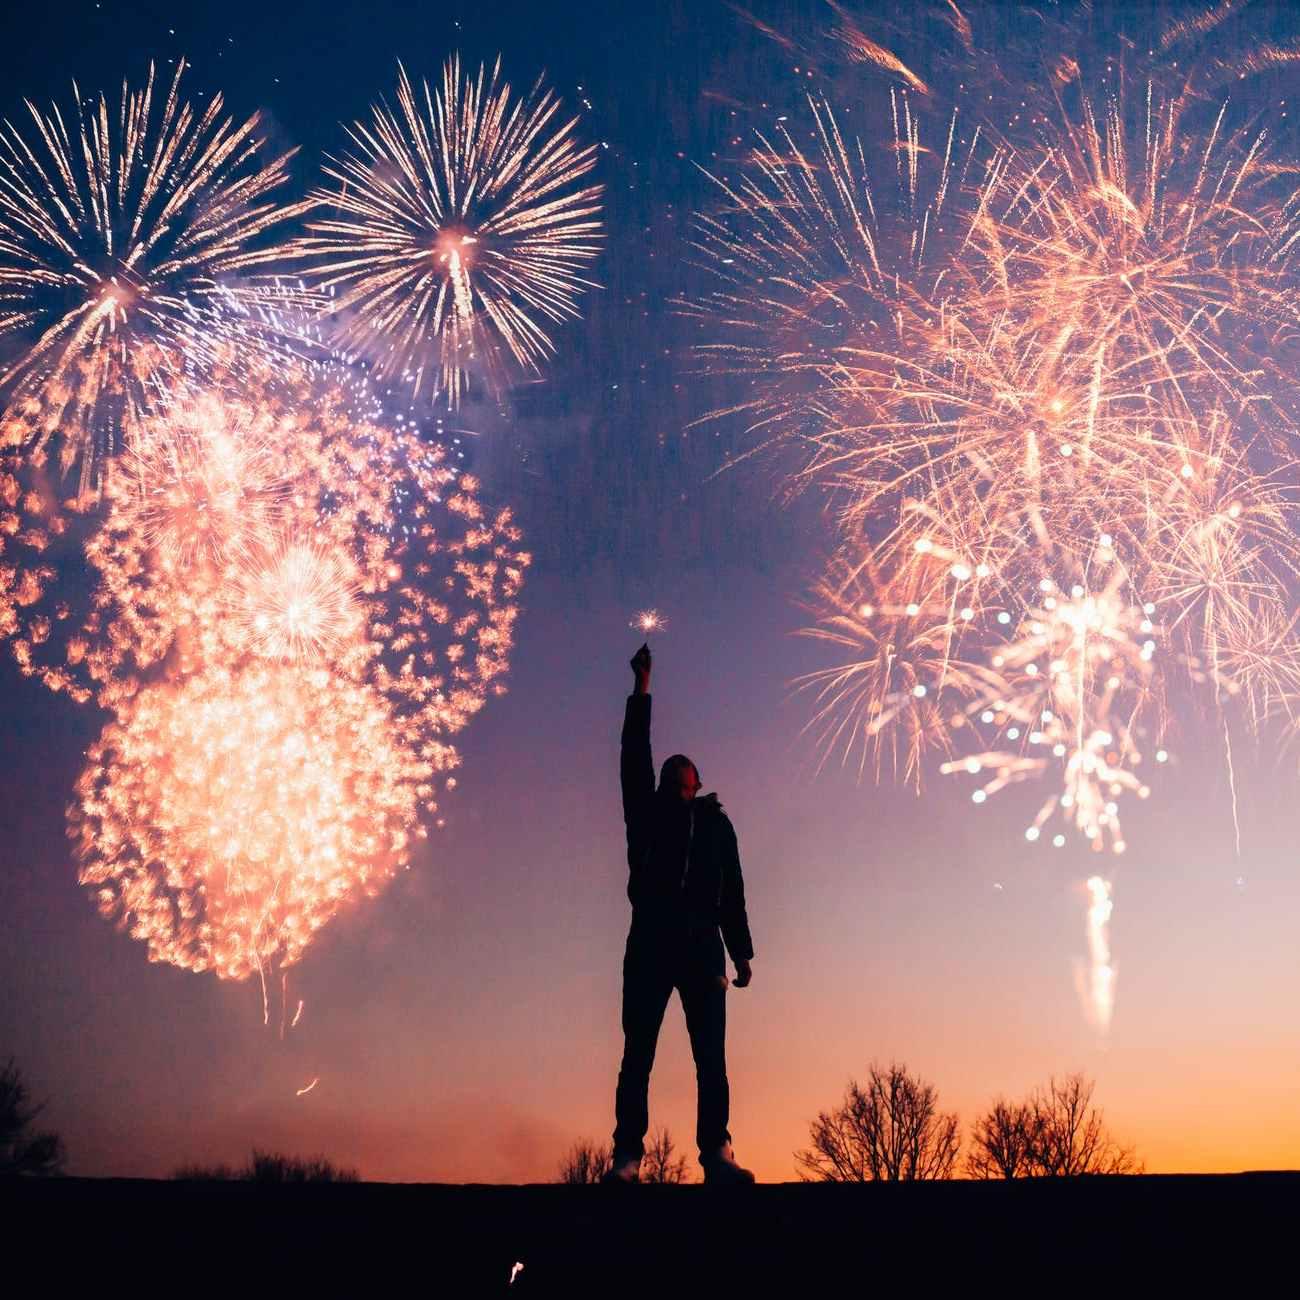 Καλή χρονιά! στόχοι πρωτοχρονιά νέος χρόνος, νέο έτος, resolutions